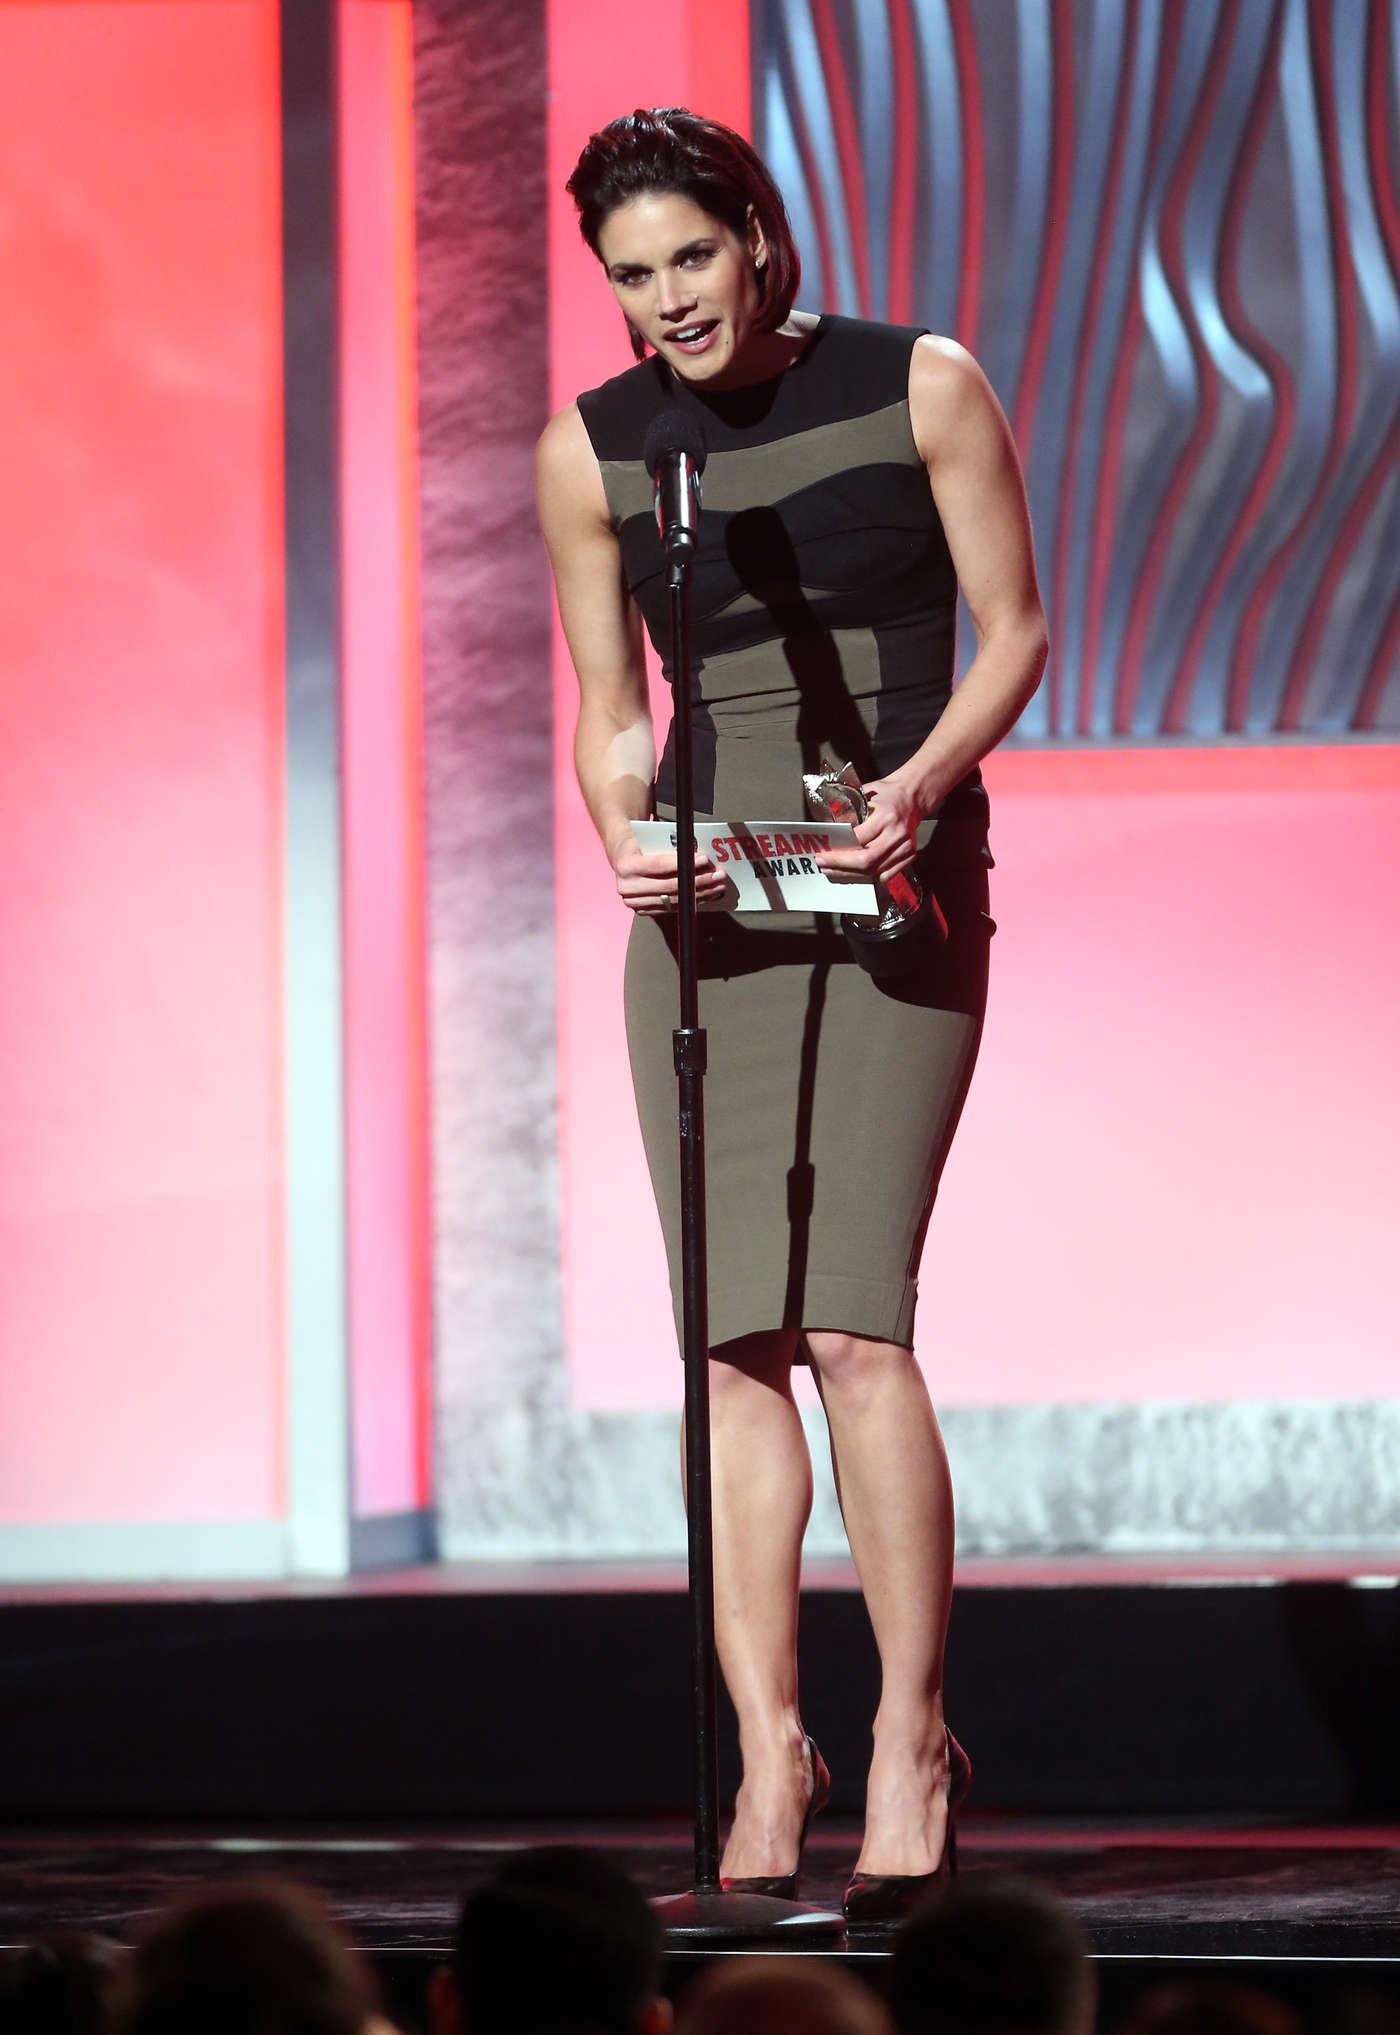 Missy Peregrym Annual Streamy Awards in Hollywood